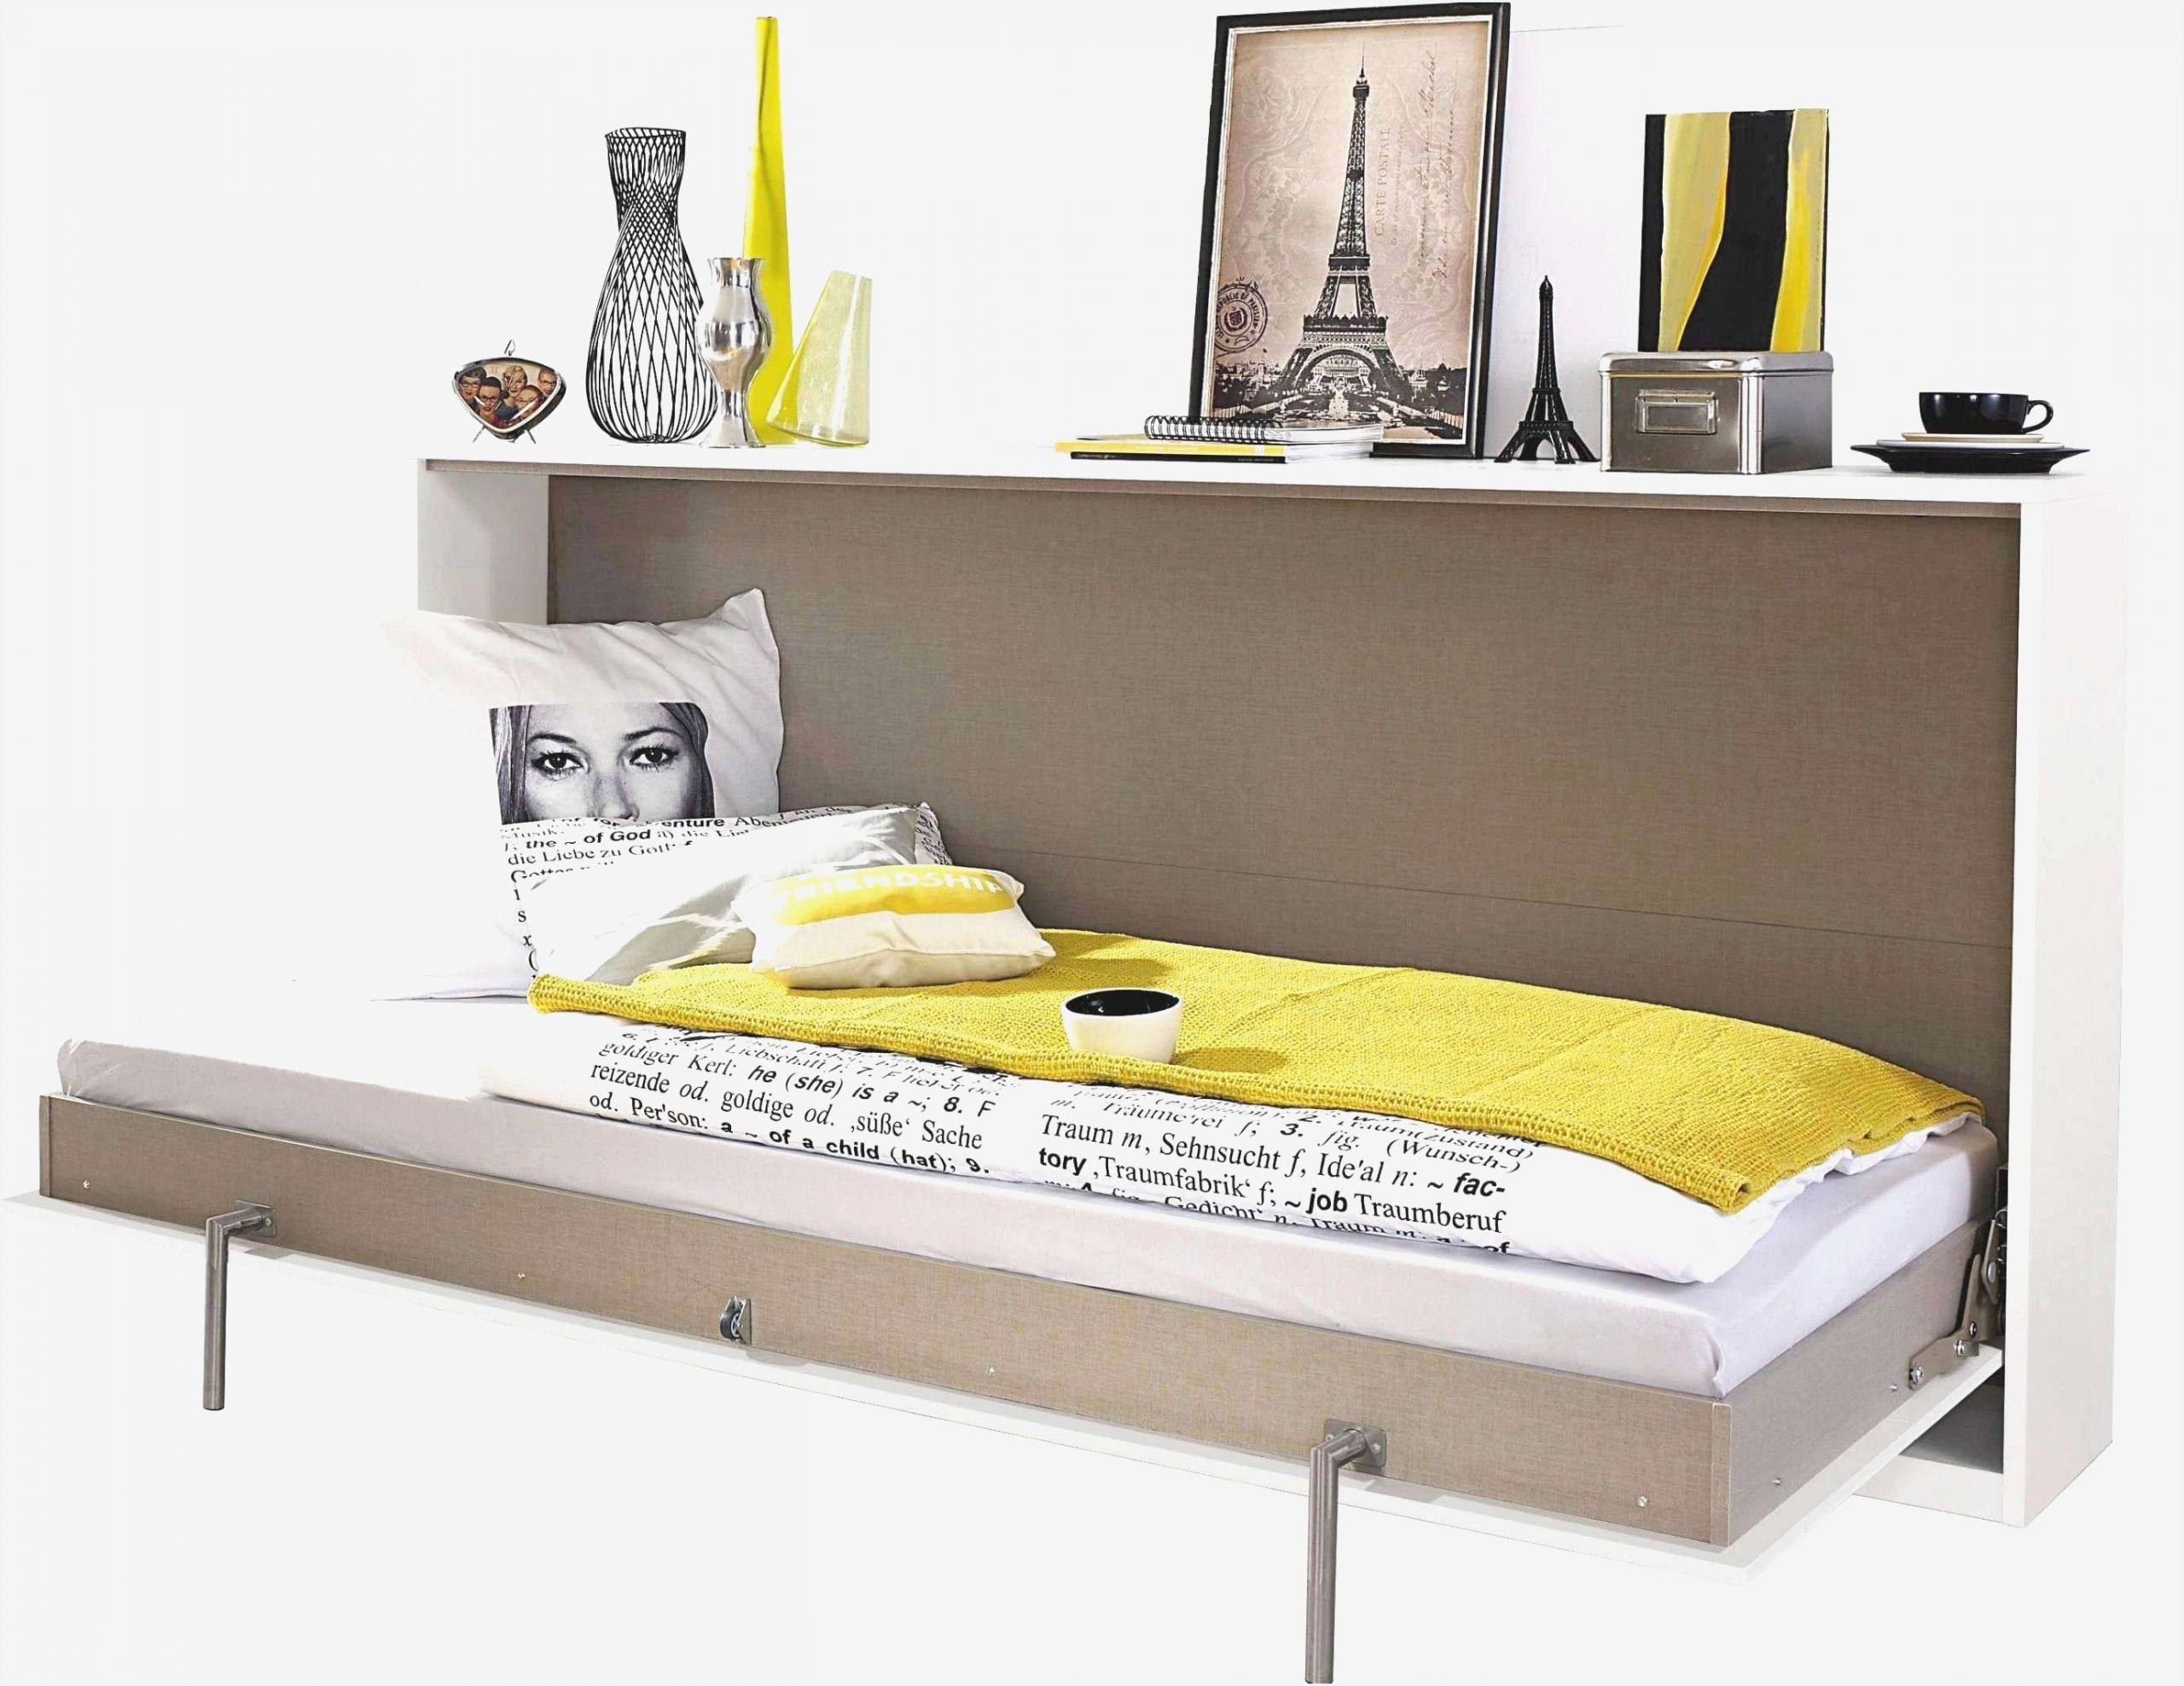 Full Size of Bett Ausziehbar Gleiche Ebene Ikea Lifetime Mit Lattenrost 120 Wei 100x200 Rutsche Schubladen 160x200 Ruf Betten Fabrikverkauf Kaufen Hamburg Französische Wohnzimmer Bett Ausziehbar Gleiche Ebene